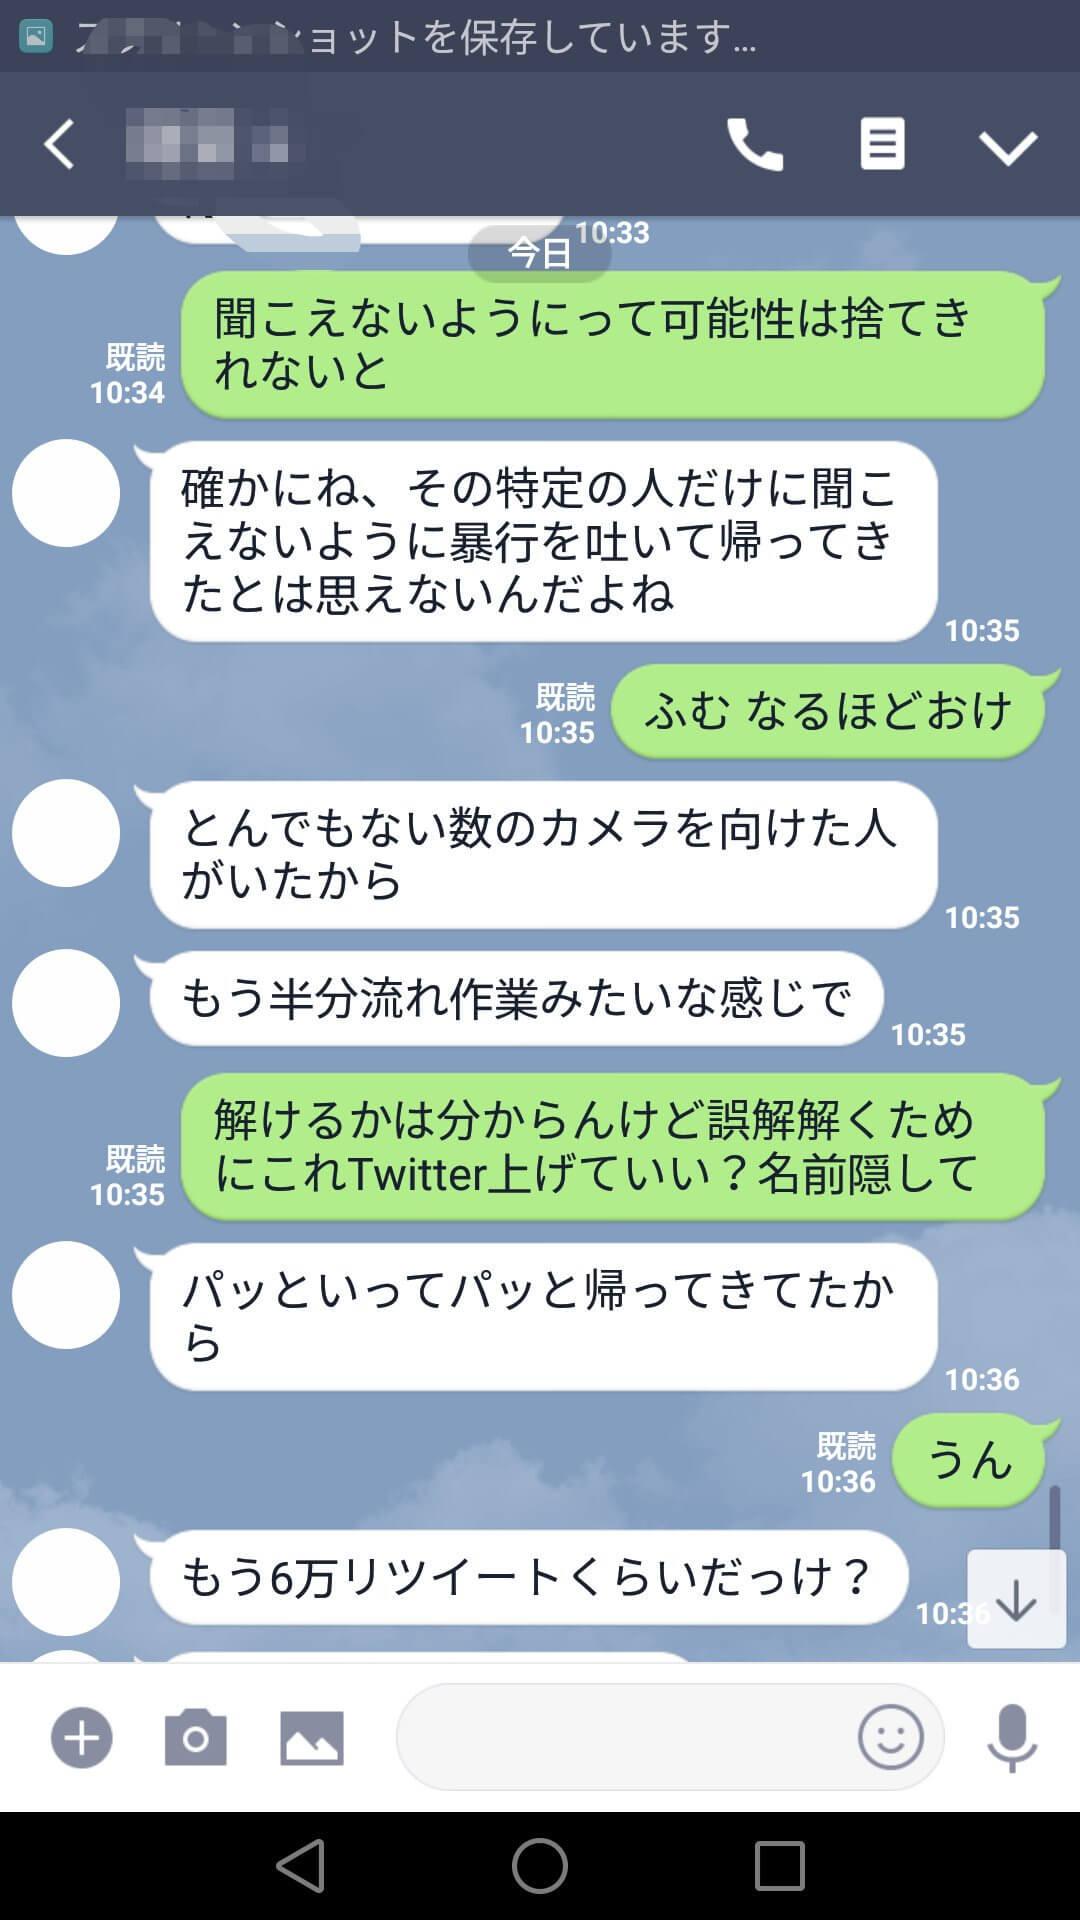 新橋駅前SL広場の騒動についてさなさん(@sana_seria)が関係者に事実関係を確認したキャプチャ画像13